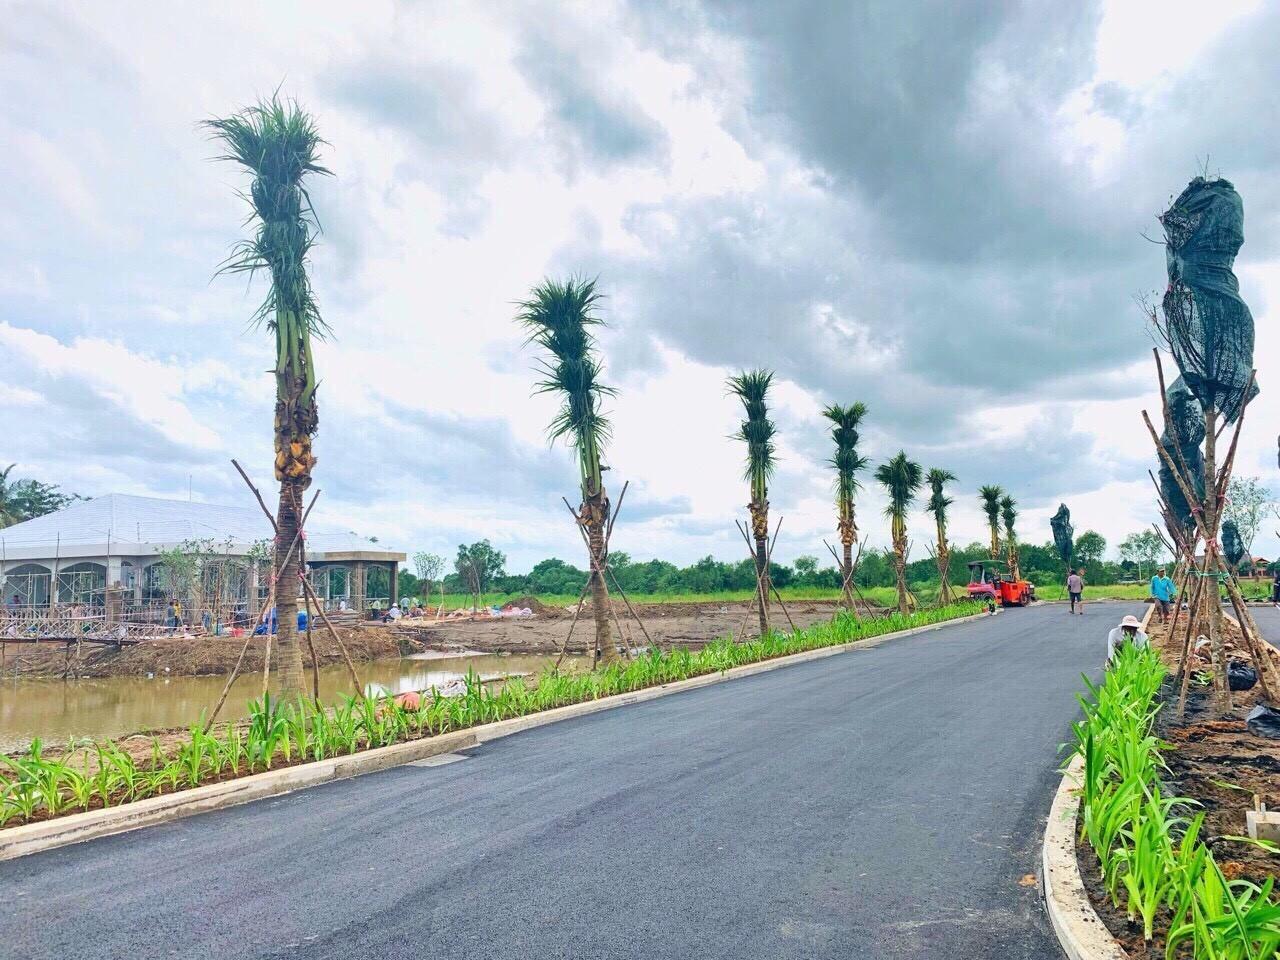 Tiến Độ Dự Án Saigon Garden Riverside Village T8/2019 - Hưng Thịnh Corp